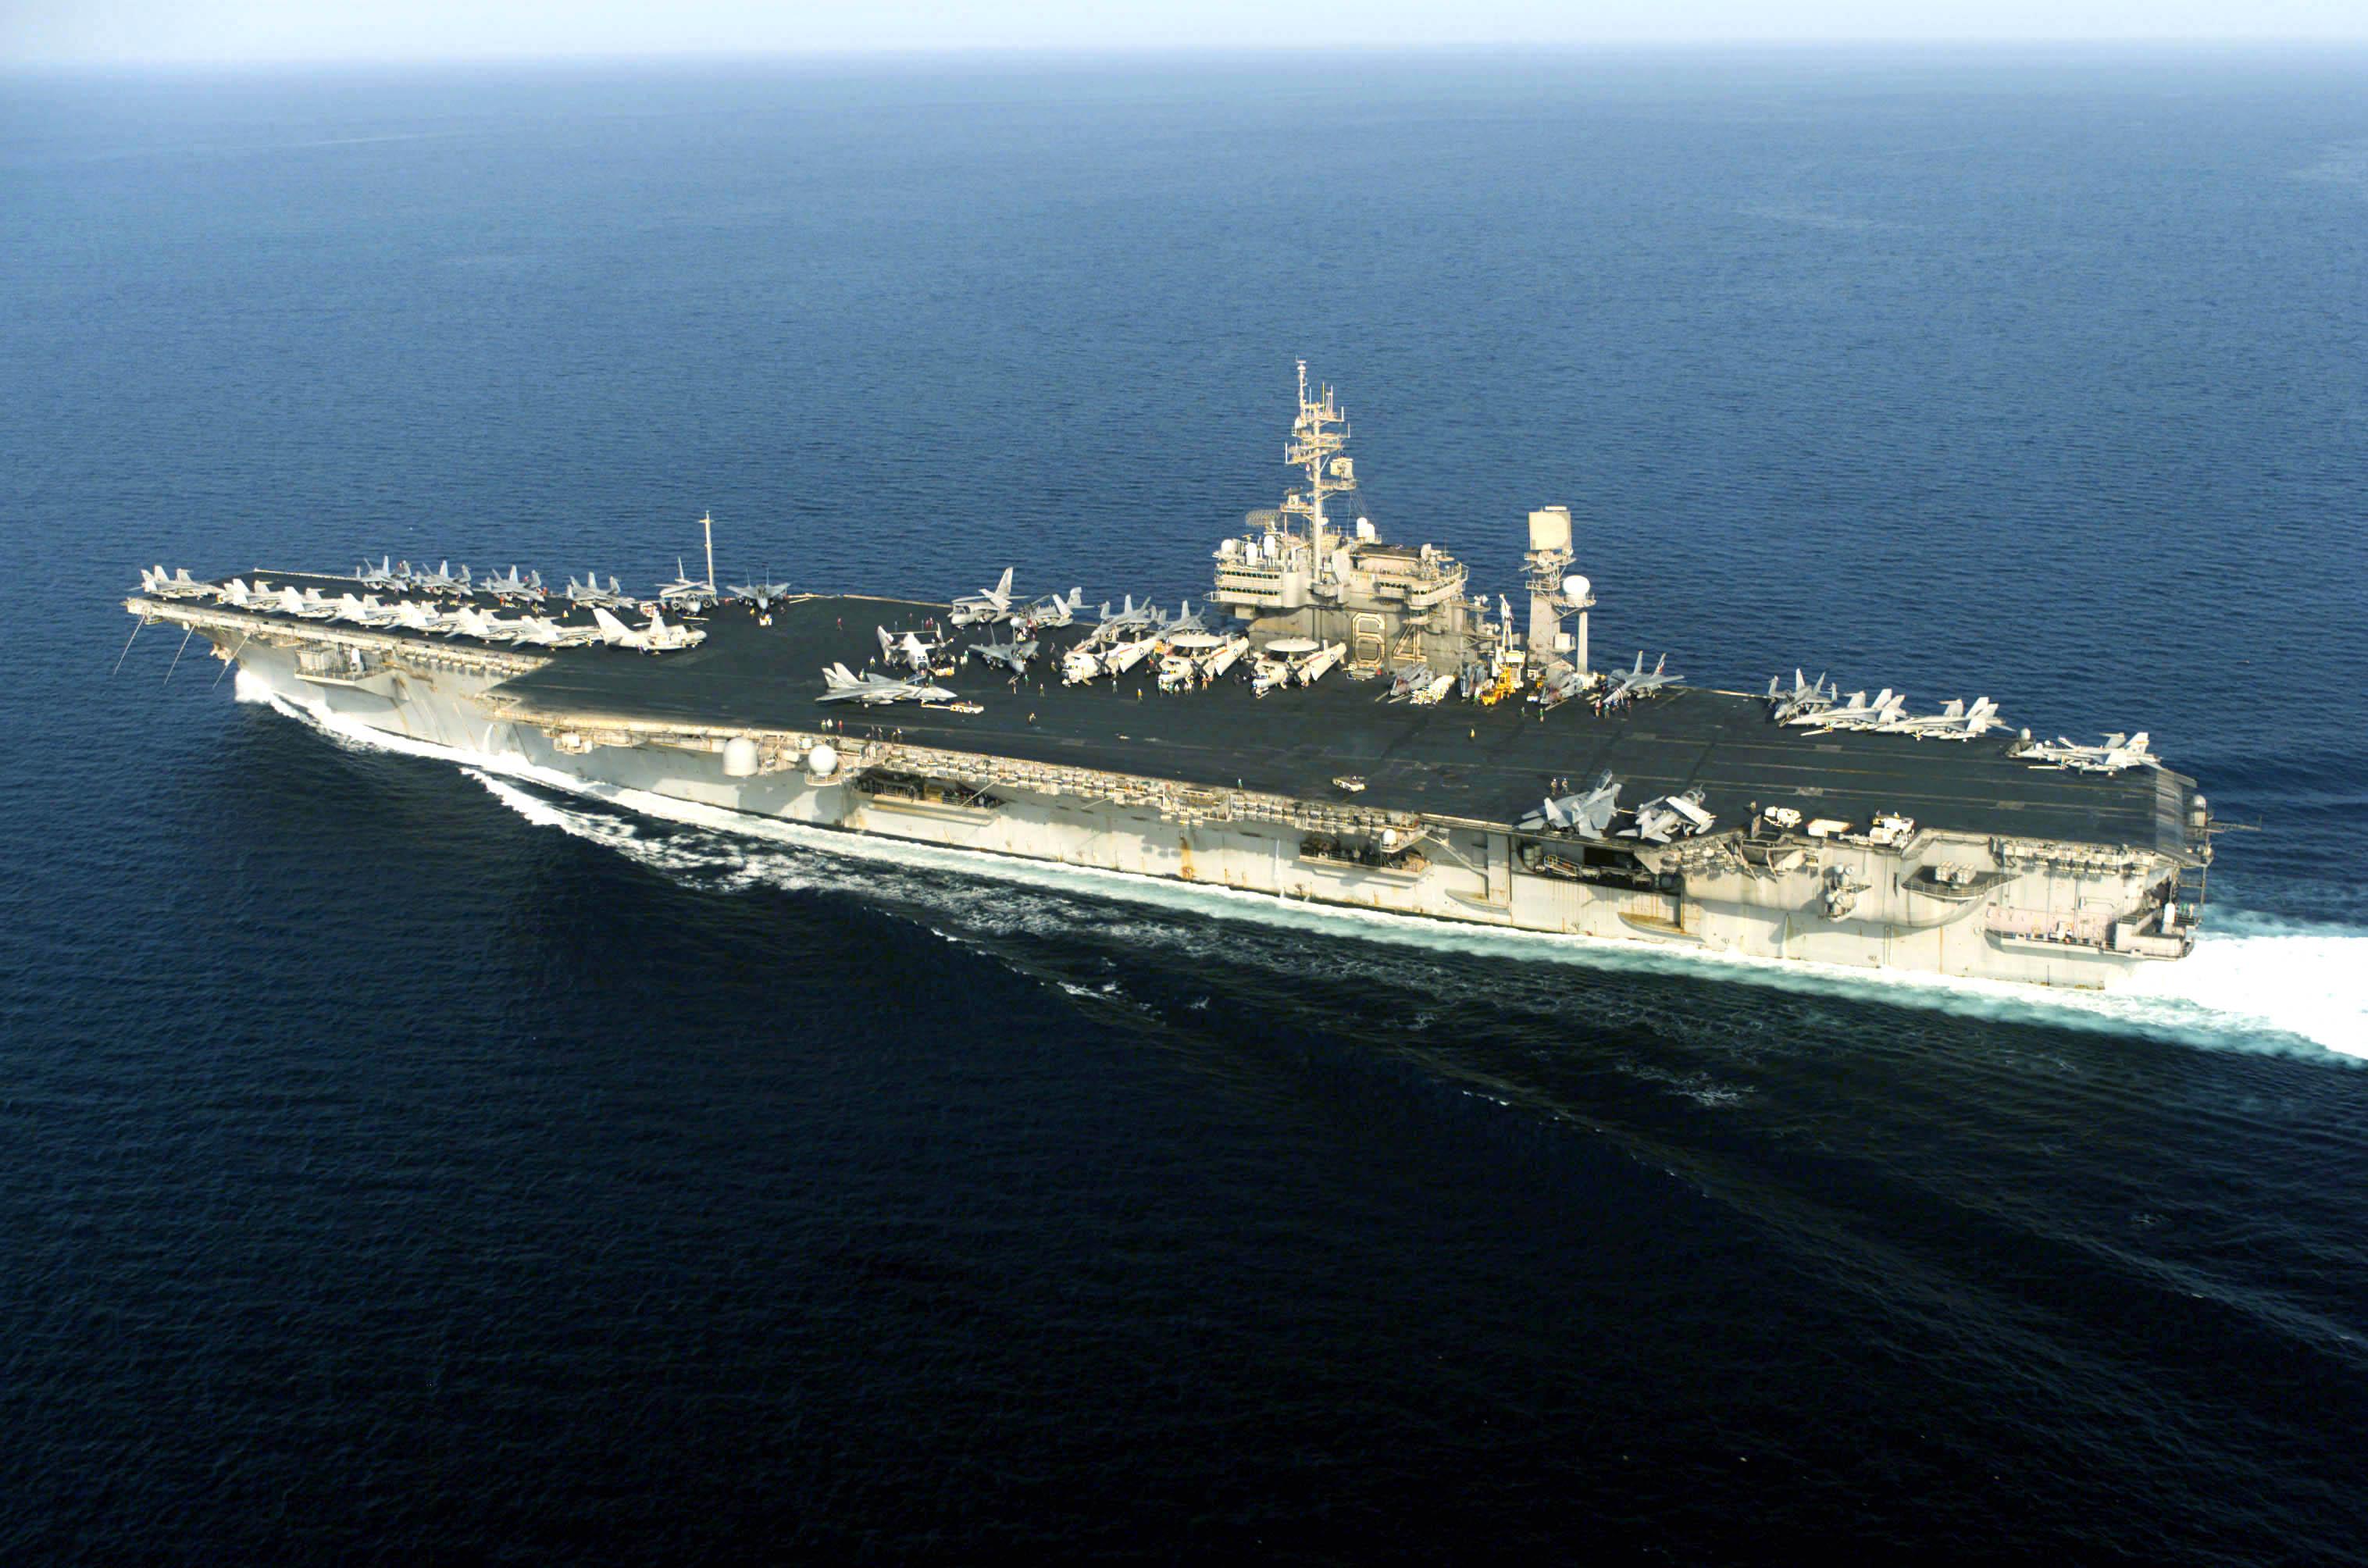 uss independence  cv-62  - forrestal class aircraft carrier w uss peterson  dd-969